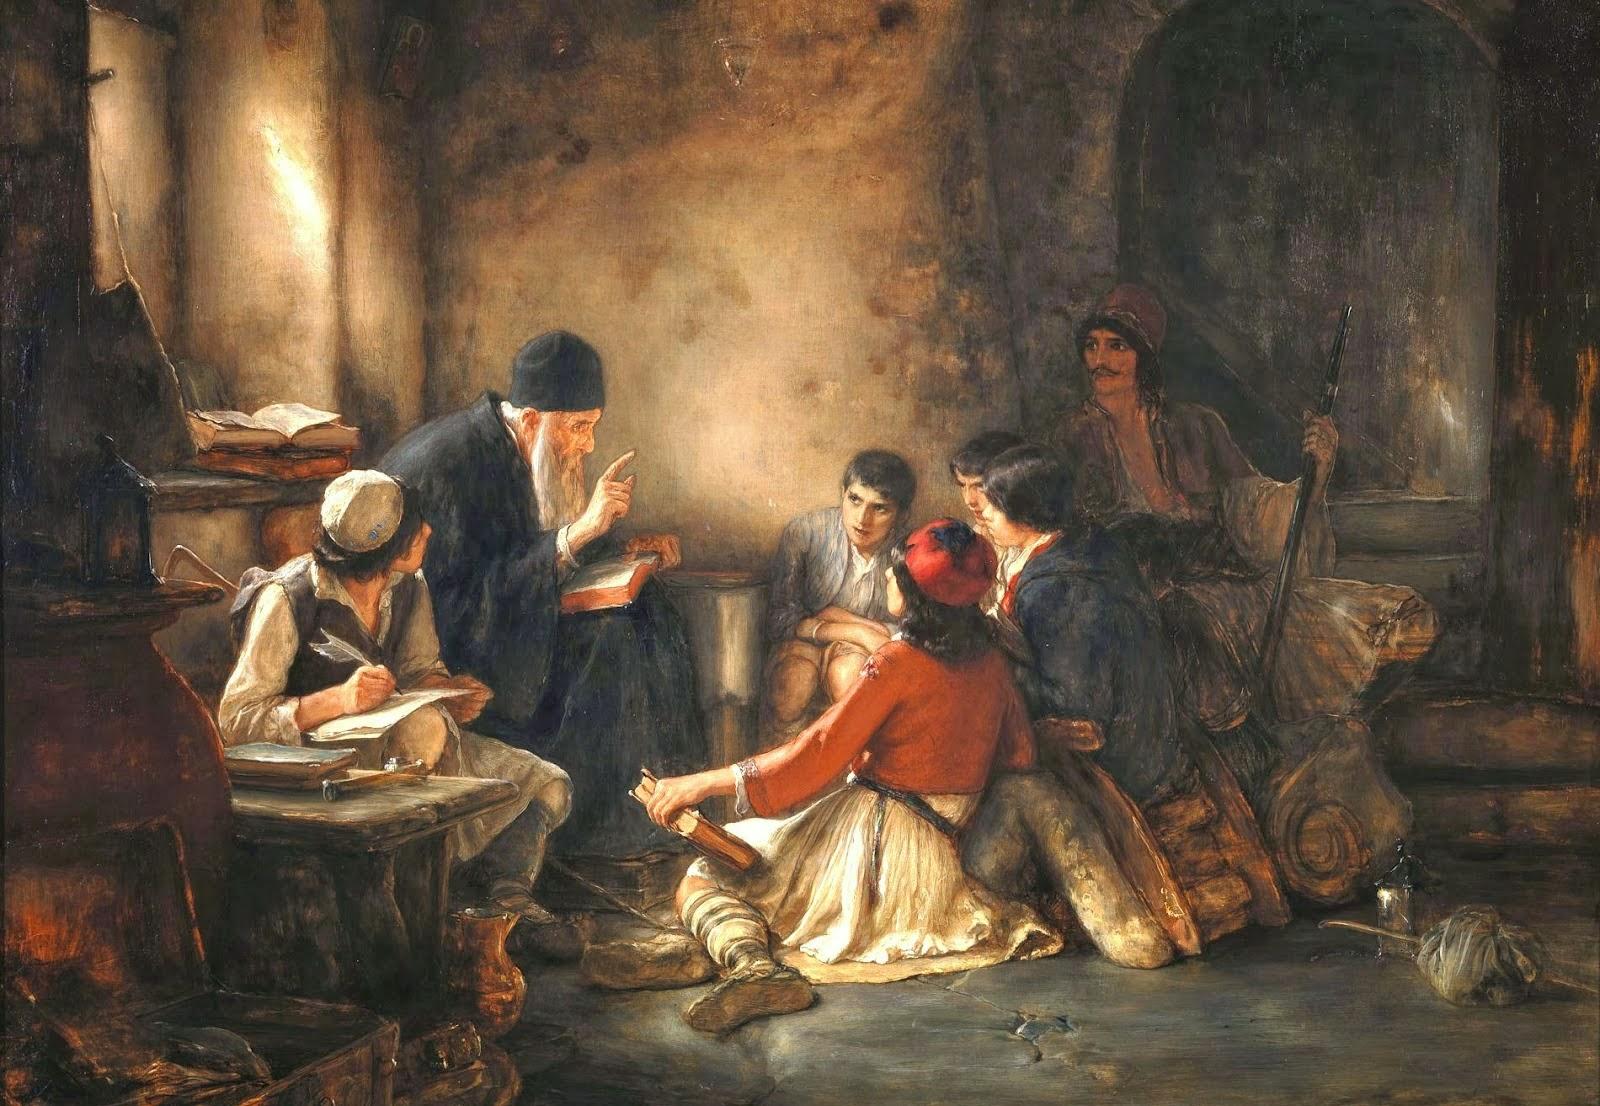 Πίνακες από την σημμετοχή του κλήρου στην επανάσταση του 1821